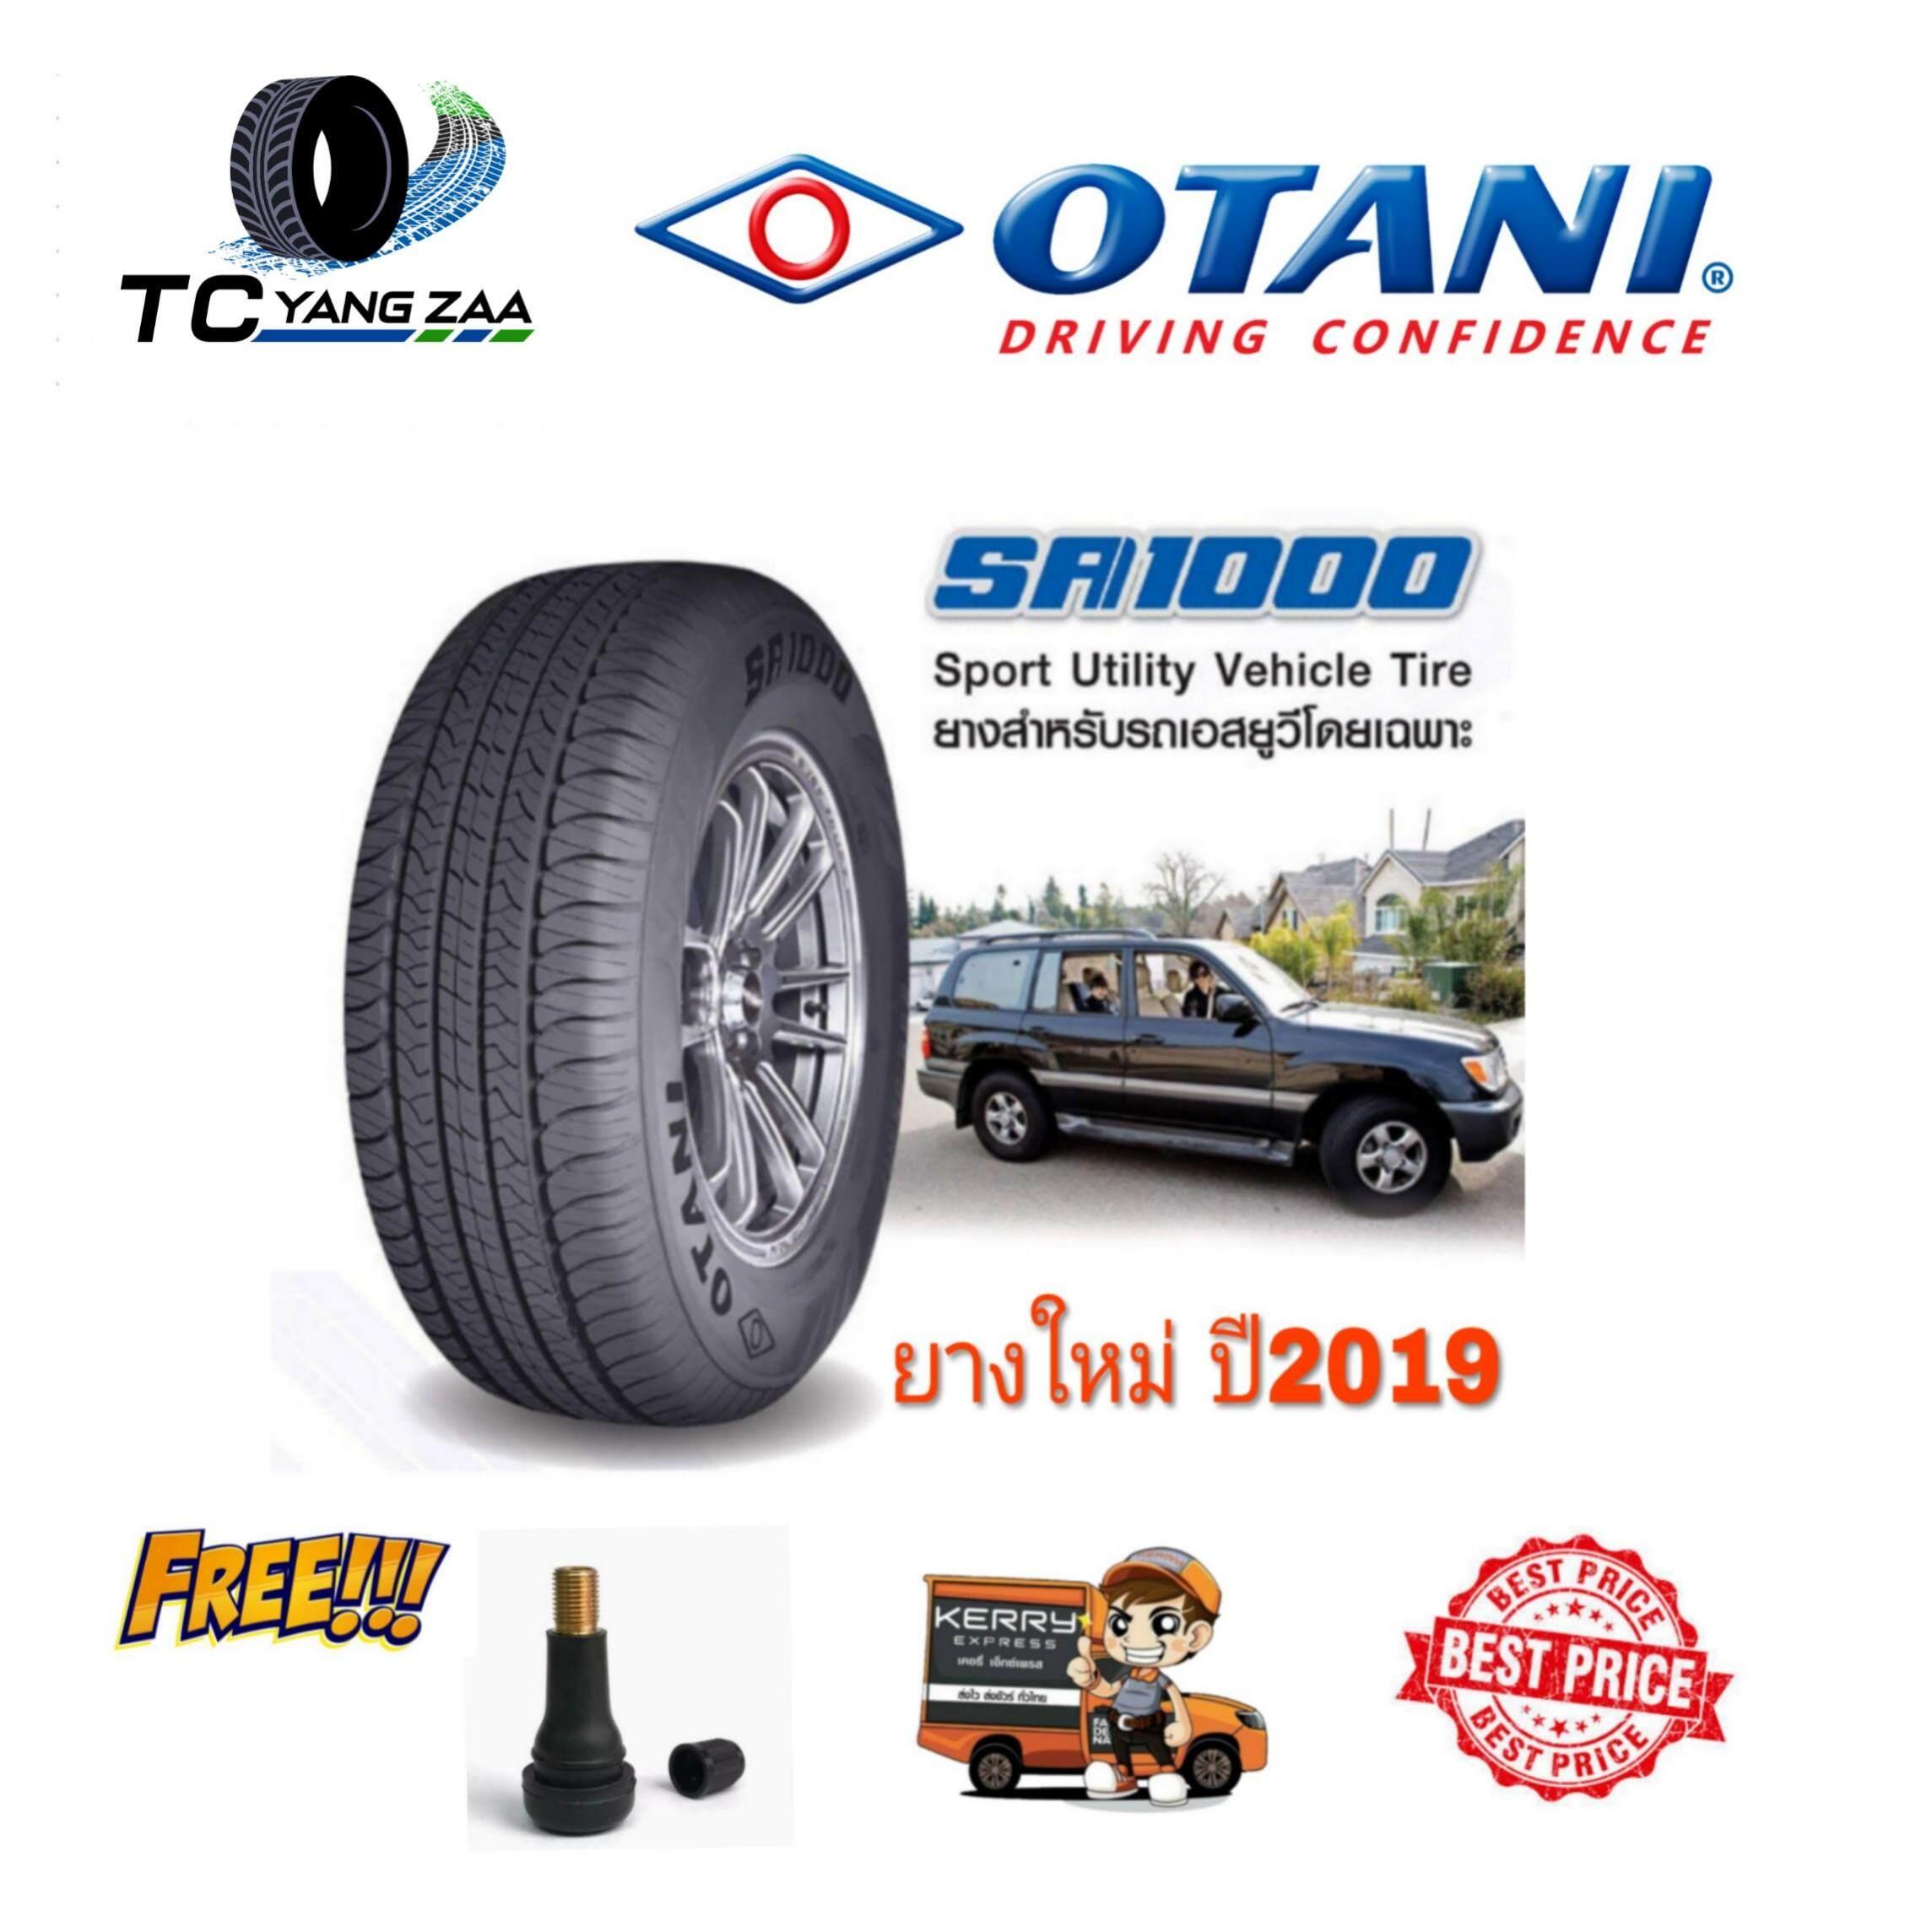 ประกันภัย รถยนต์ แบบ ผ่อน ได้ ยโสธร ยางรถยนต์ OTANI 265/60R18XL (ขอบ18) SA1000 แถมจุ๊บลมยาง